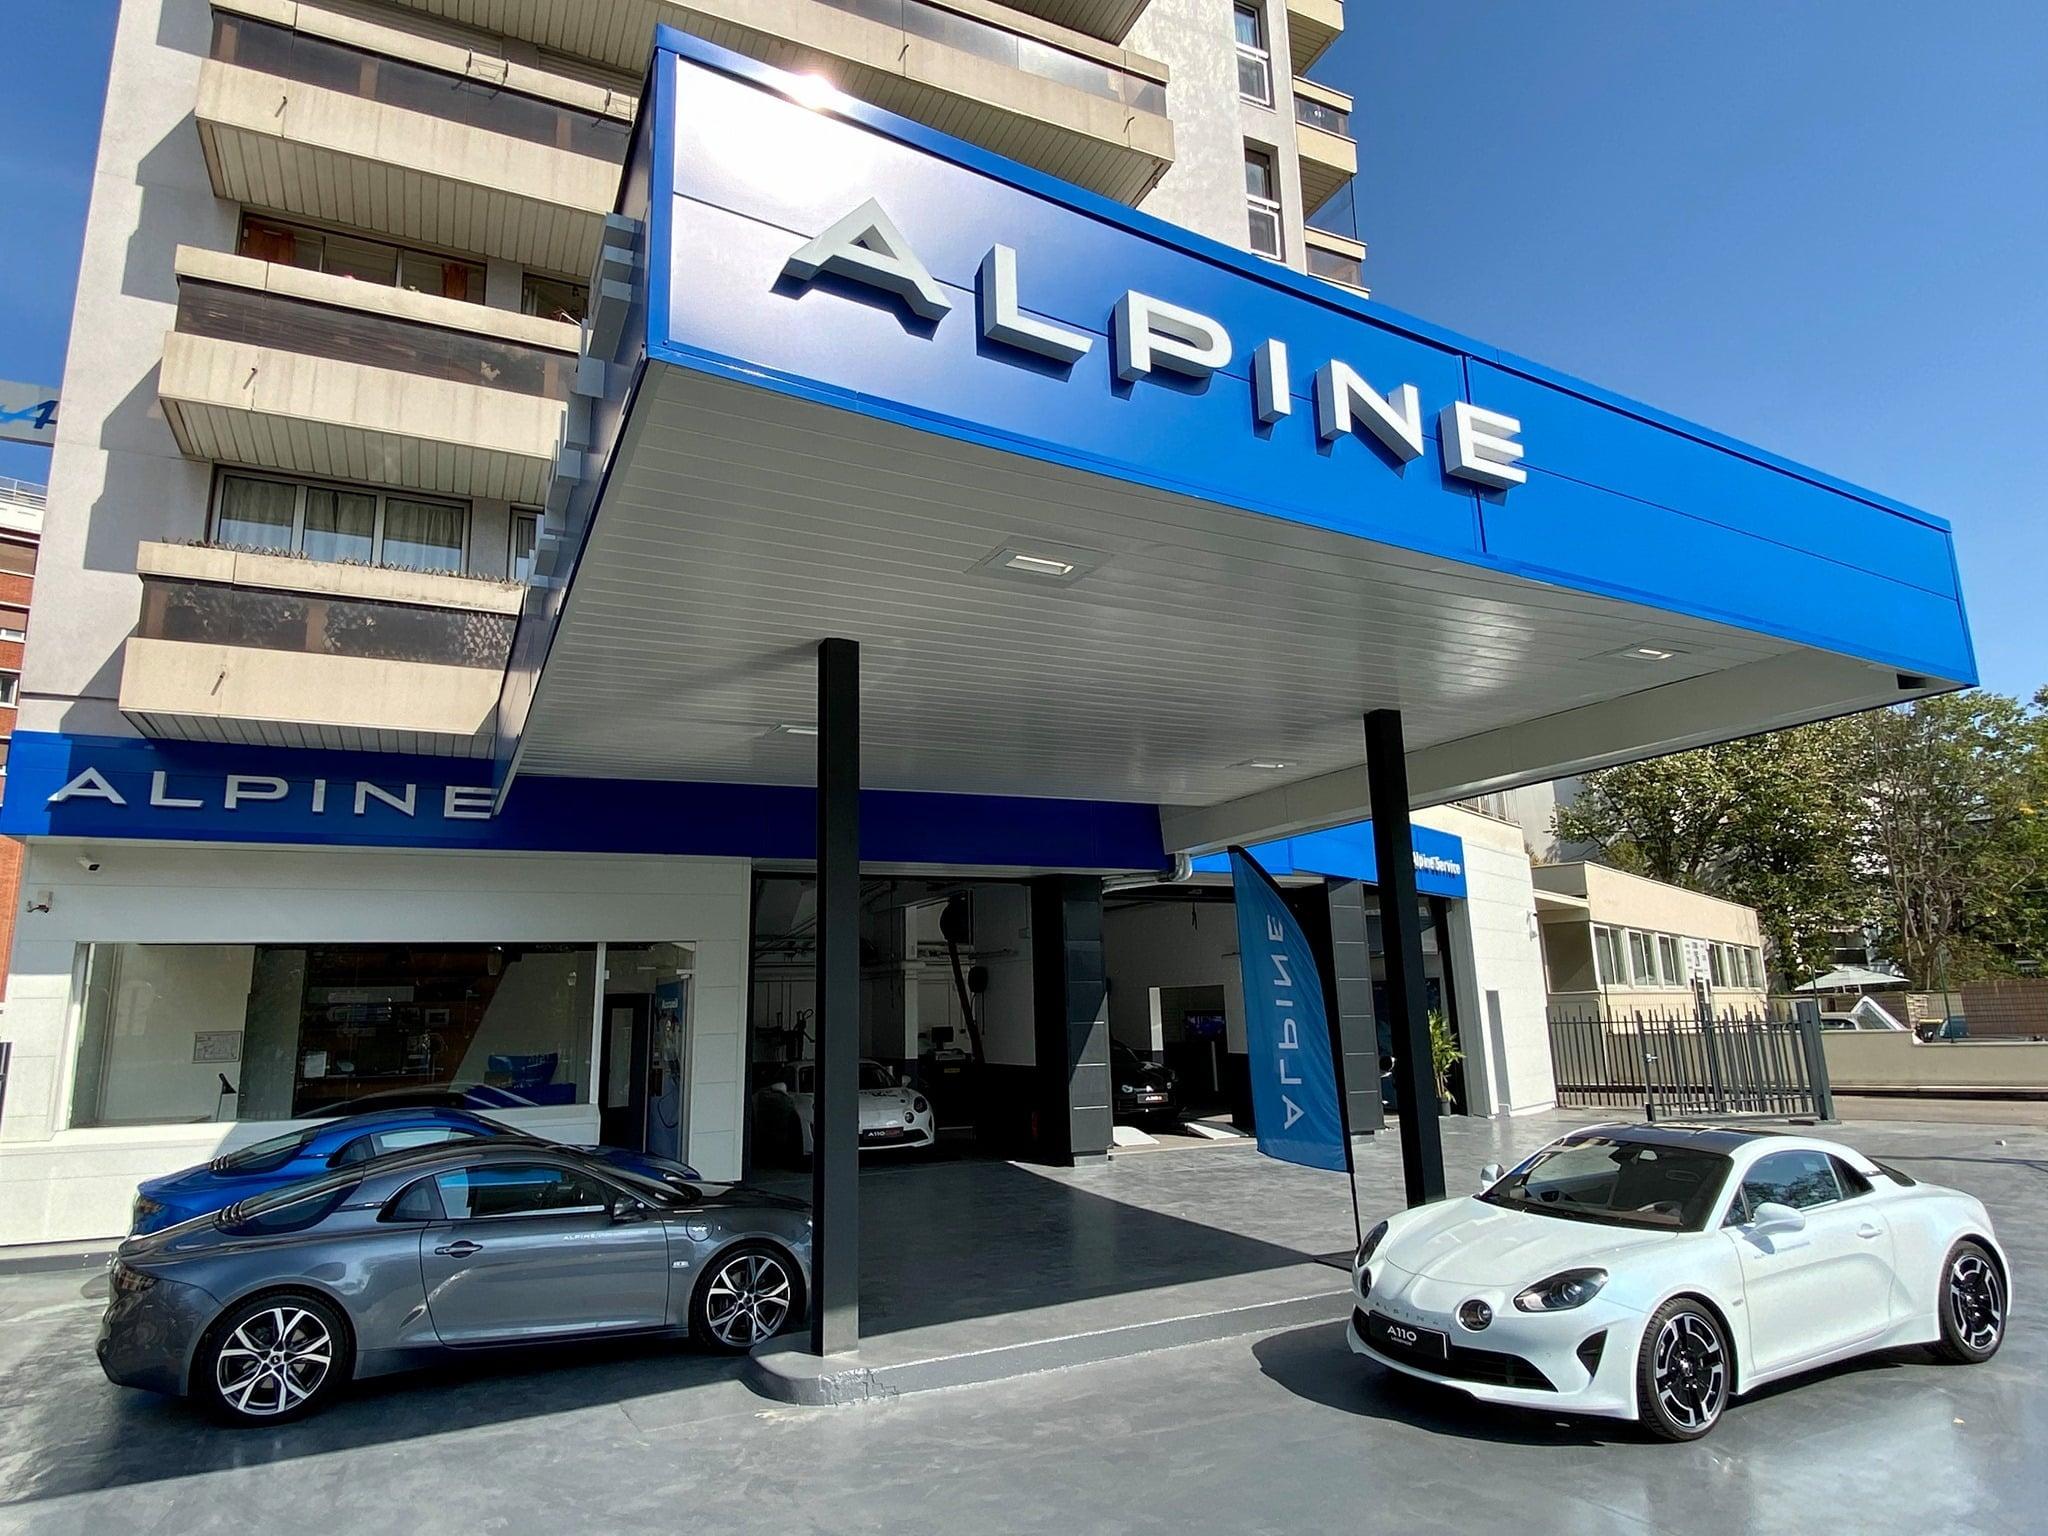 Alpine Service Studio Boulogne A110 2020 | Alpine Service : RRG ouvre son premier Centre de Service Alpine en 2020